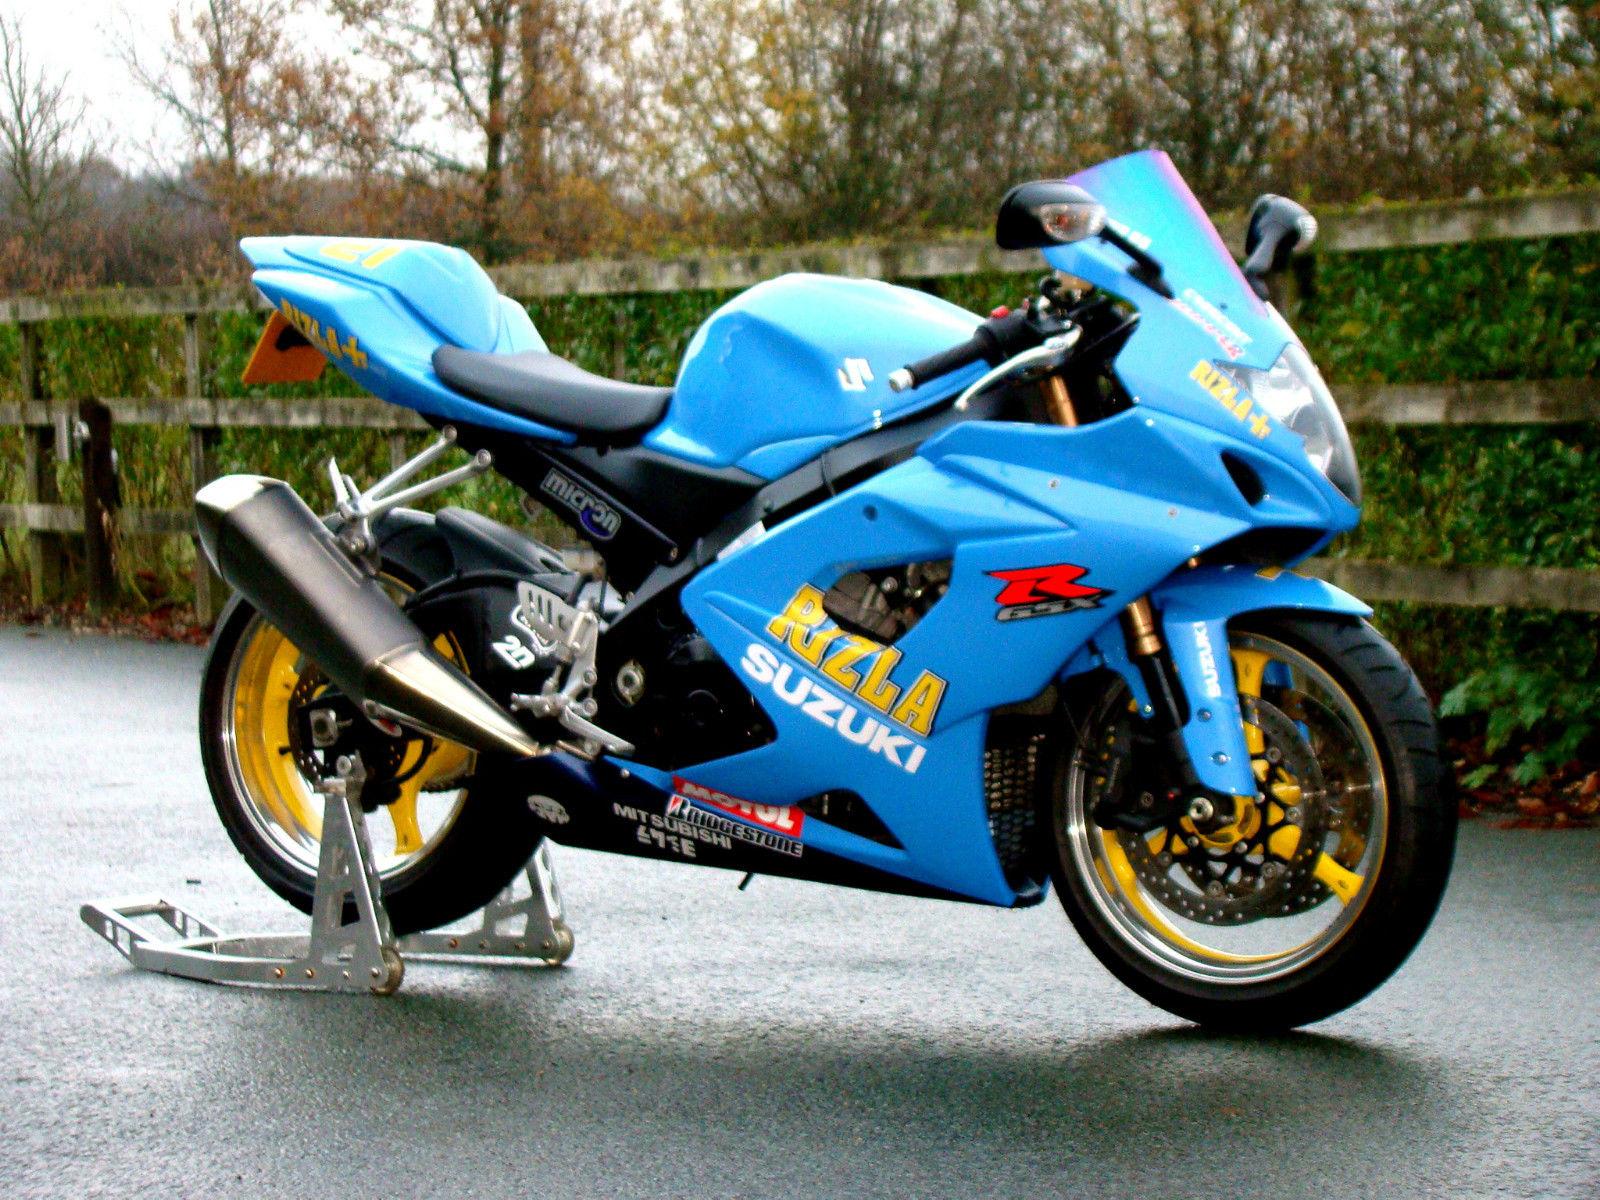 Suzuki Rizla Bike For Sale